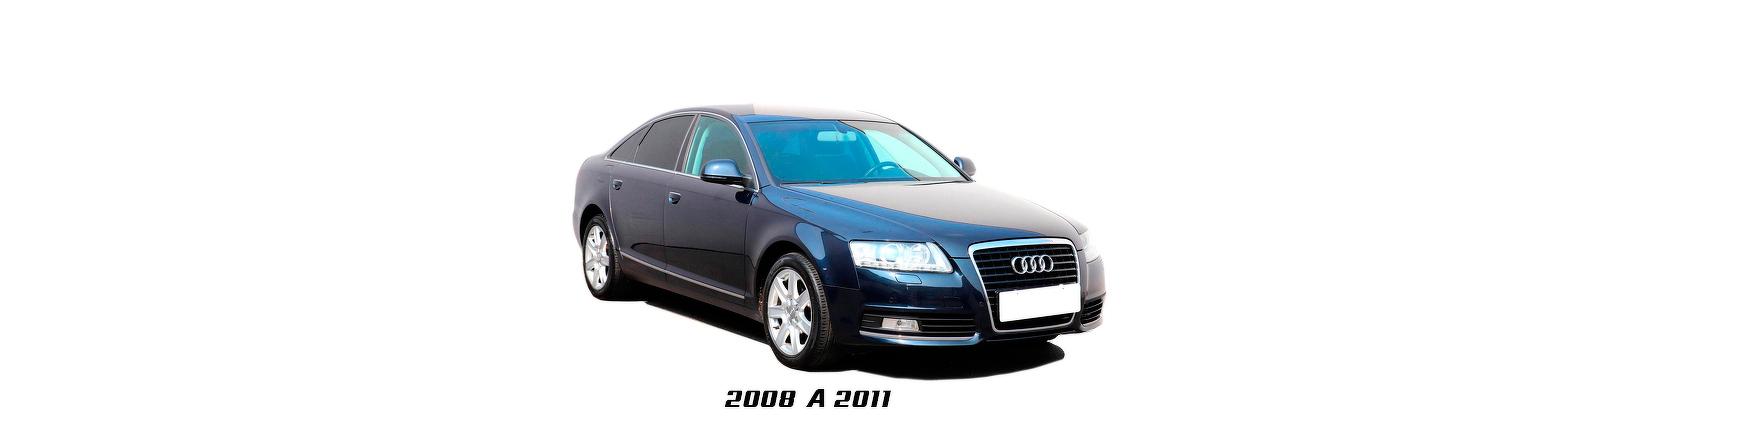 Audi A6 de 2008 a 2011. Aquí el mejor precio para recambios de coche.